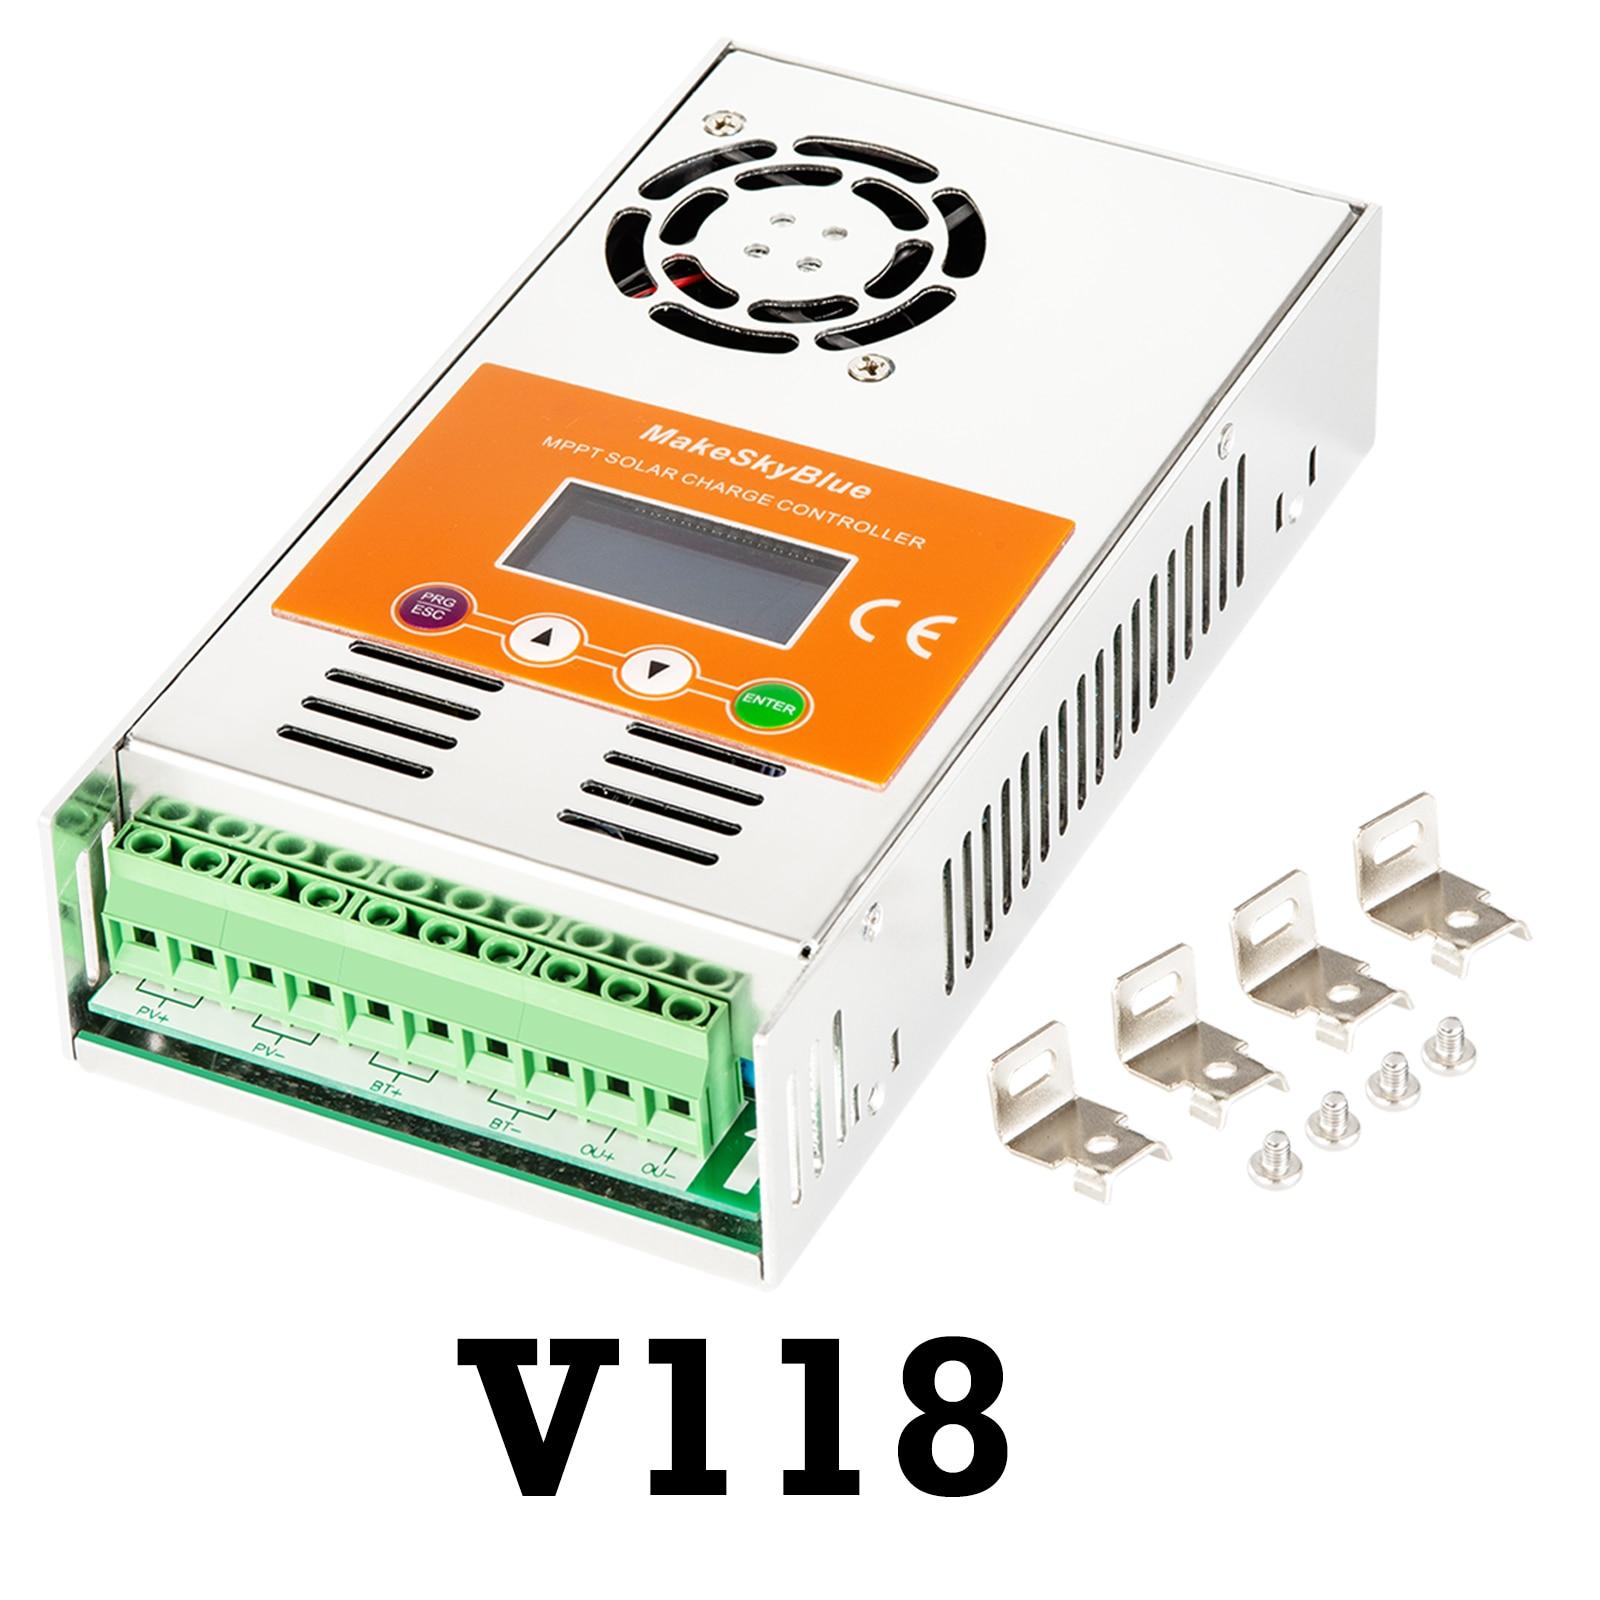 MakeSkyBlue MPPT régulateur de Charge solaire 60A-V118 régulateur de puissance pour 12 V 24 V 36 V 48 V plomb acide Gel LiFePO4 batterie au Lithium LCD